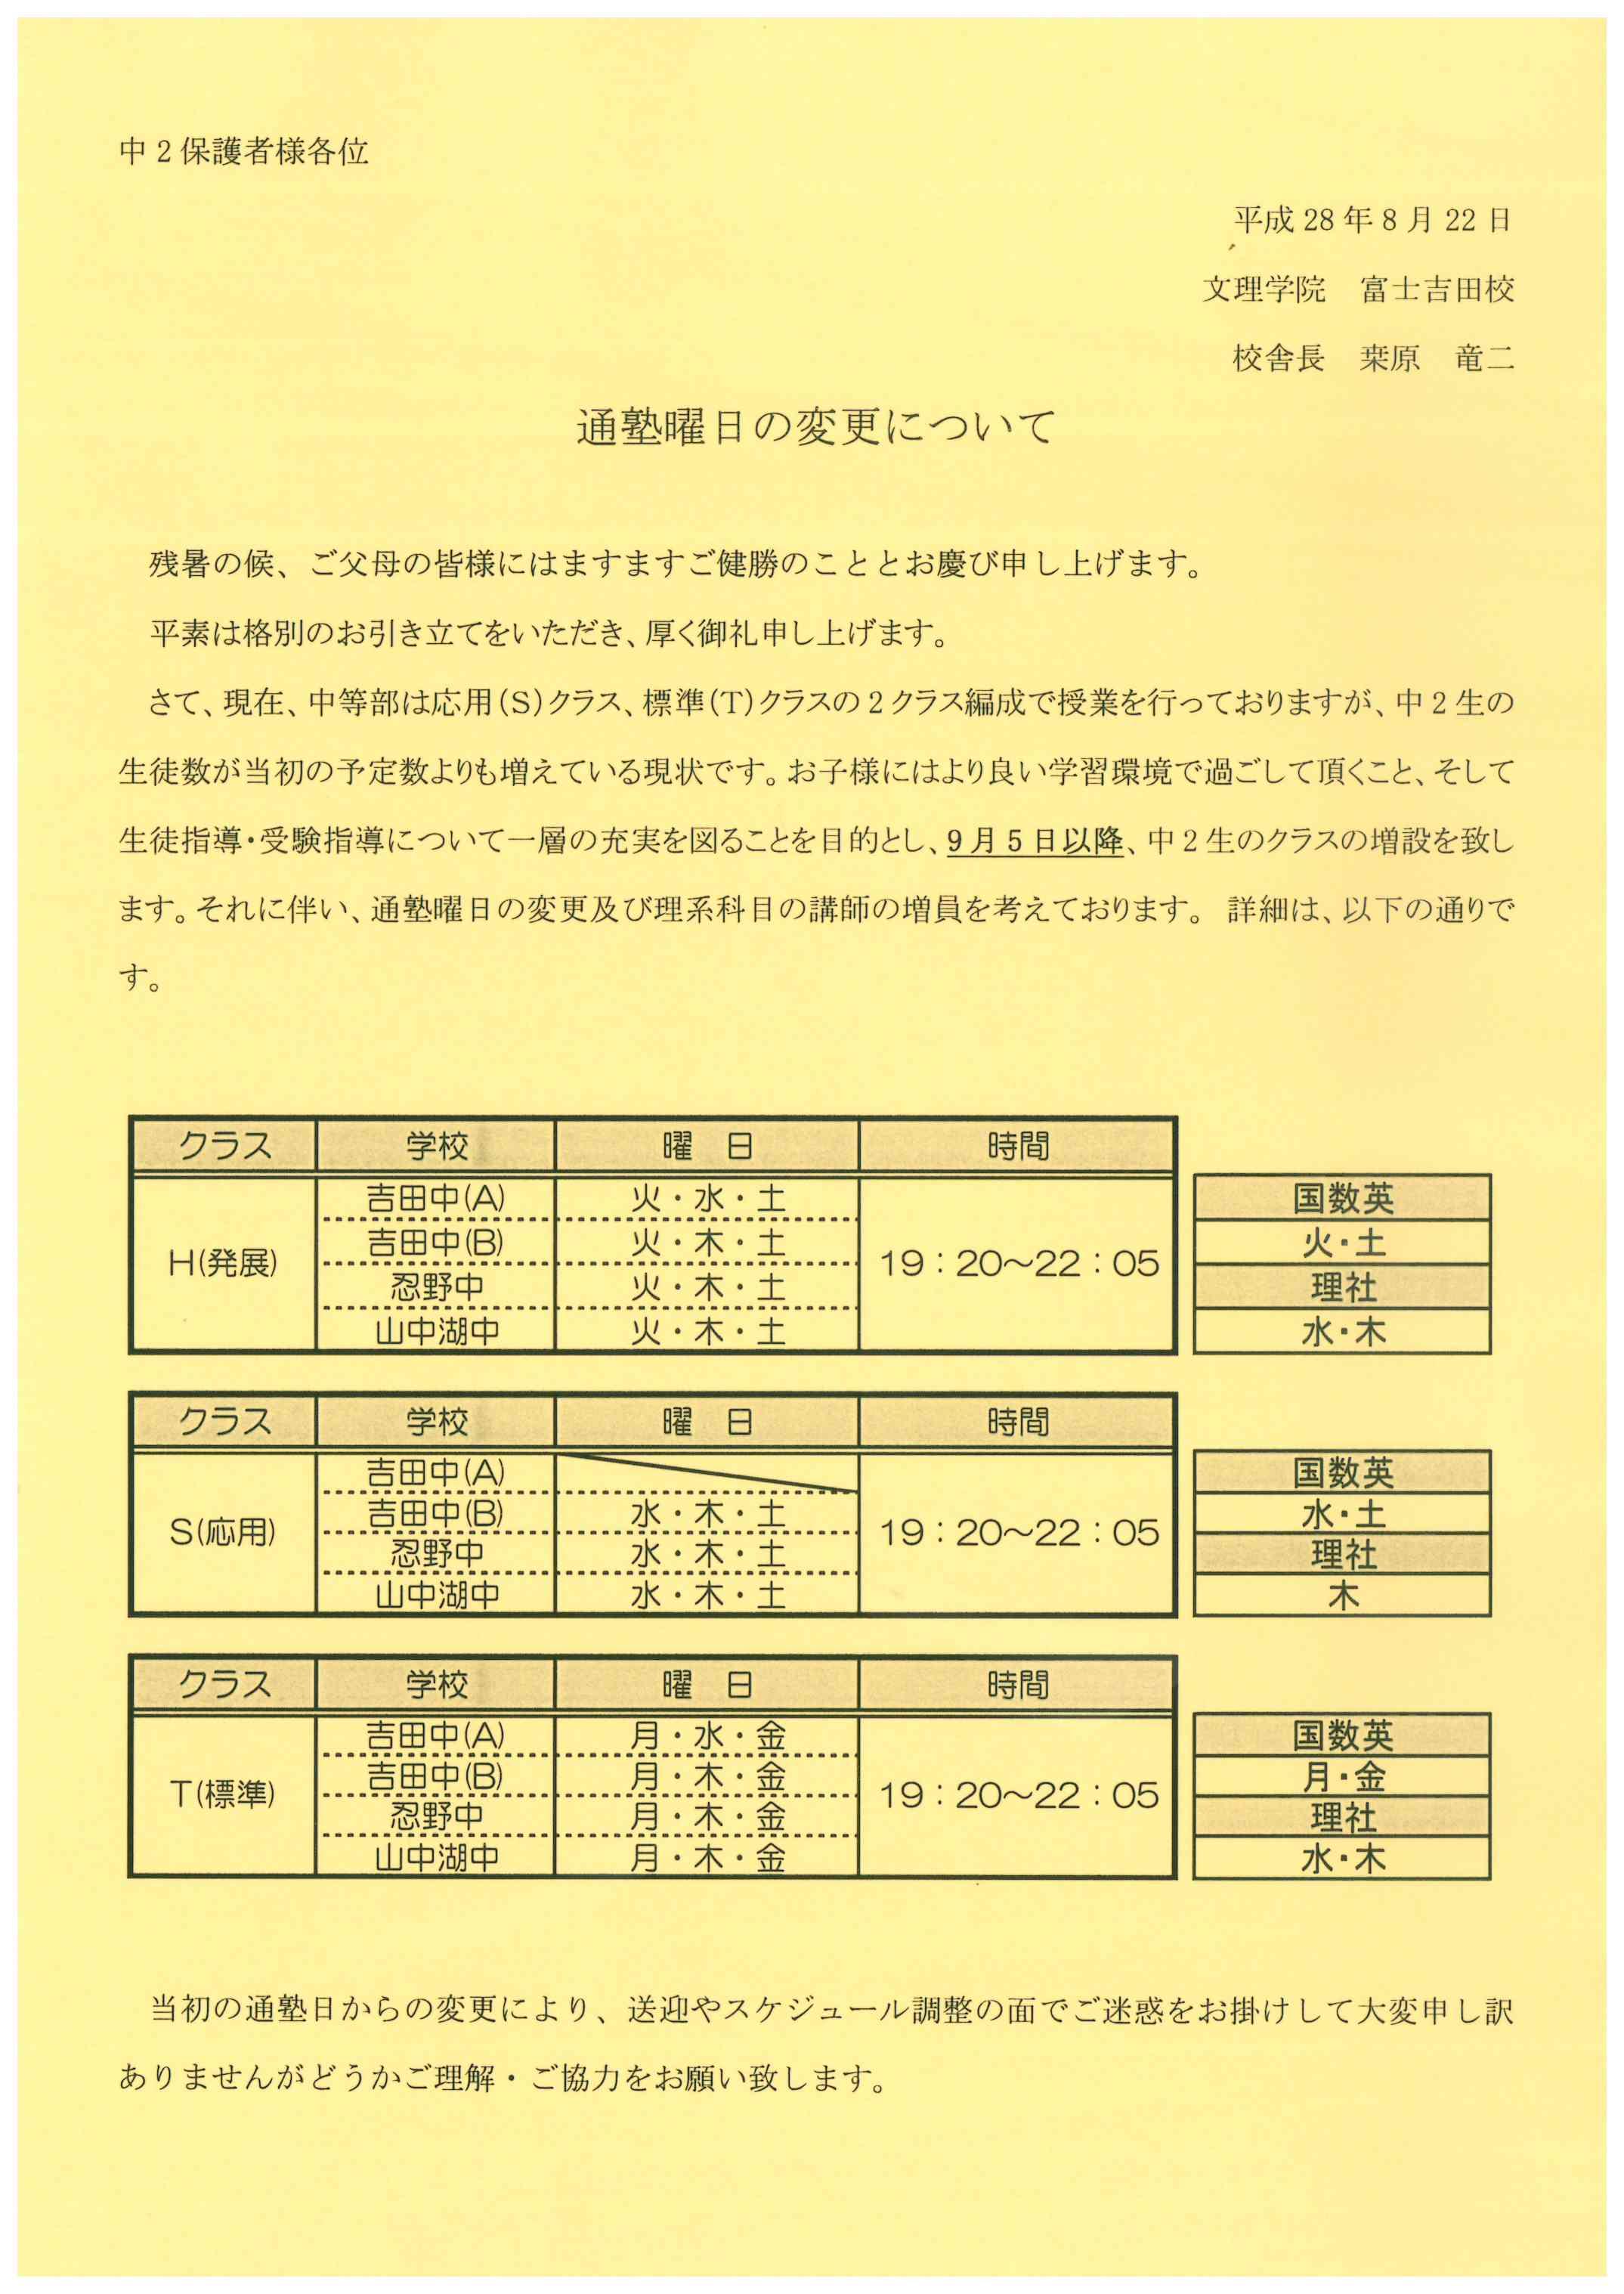 20160824 中2クラスの増設